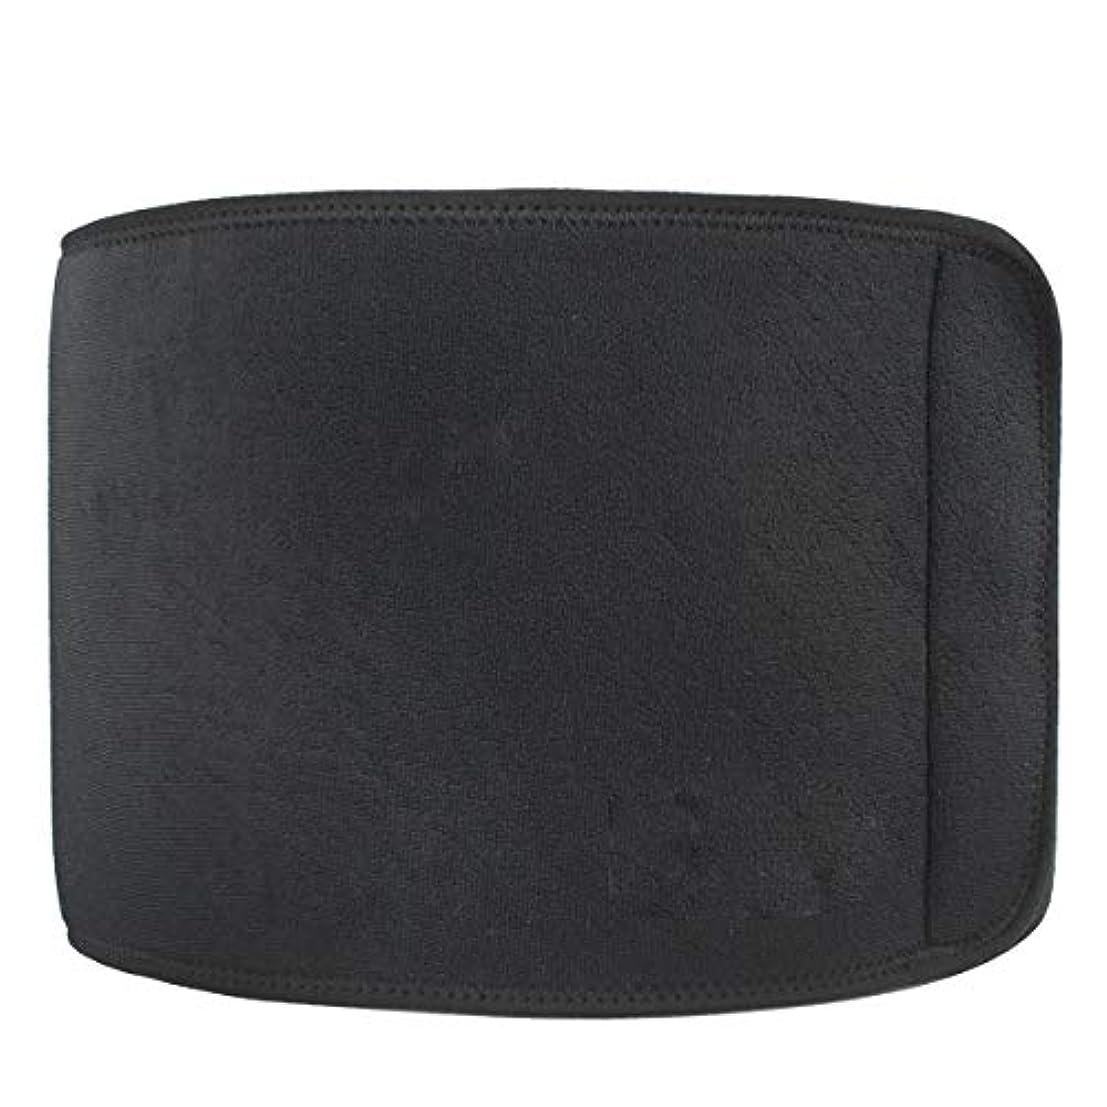 腹部筋肉弱さのためのウエストバンド腰痛背筋緊張保温ウエストサポートベルト